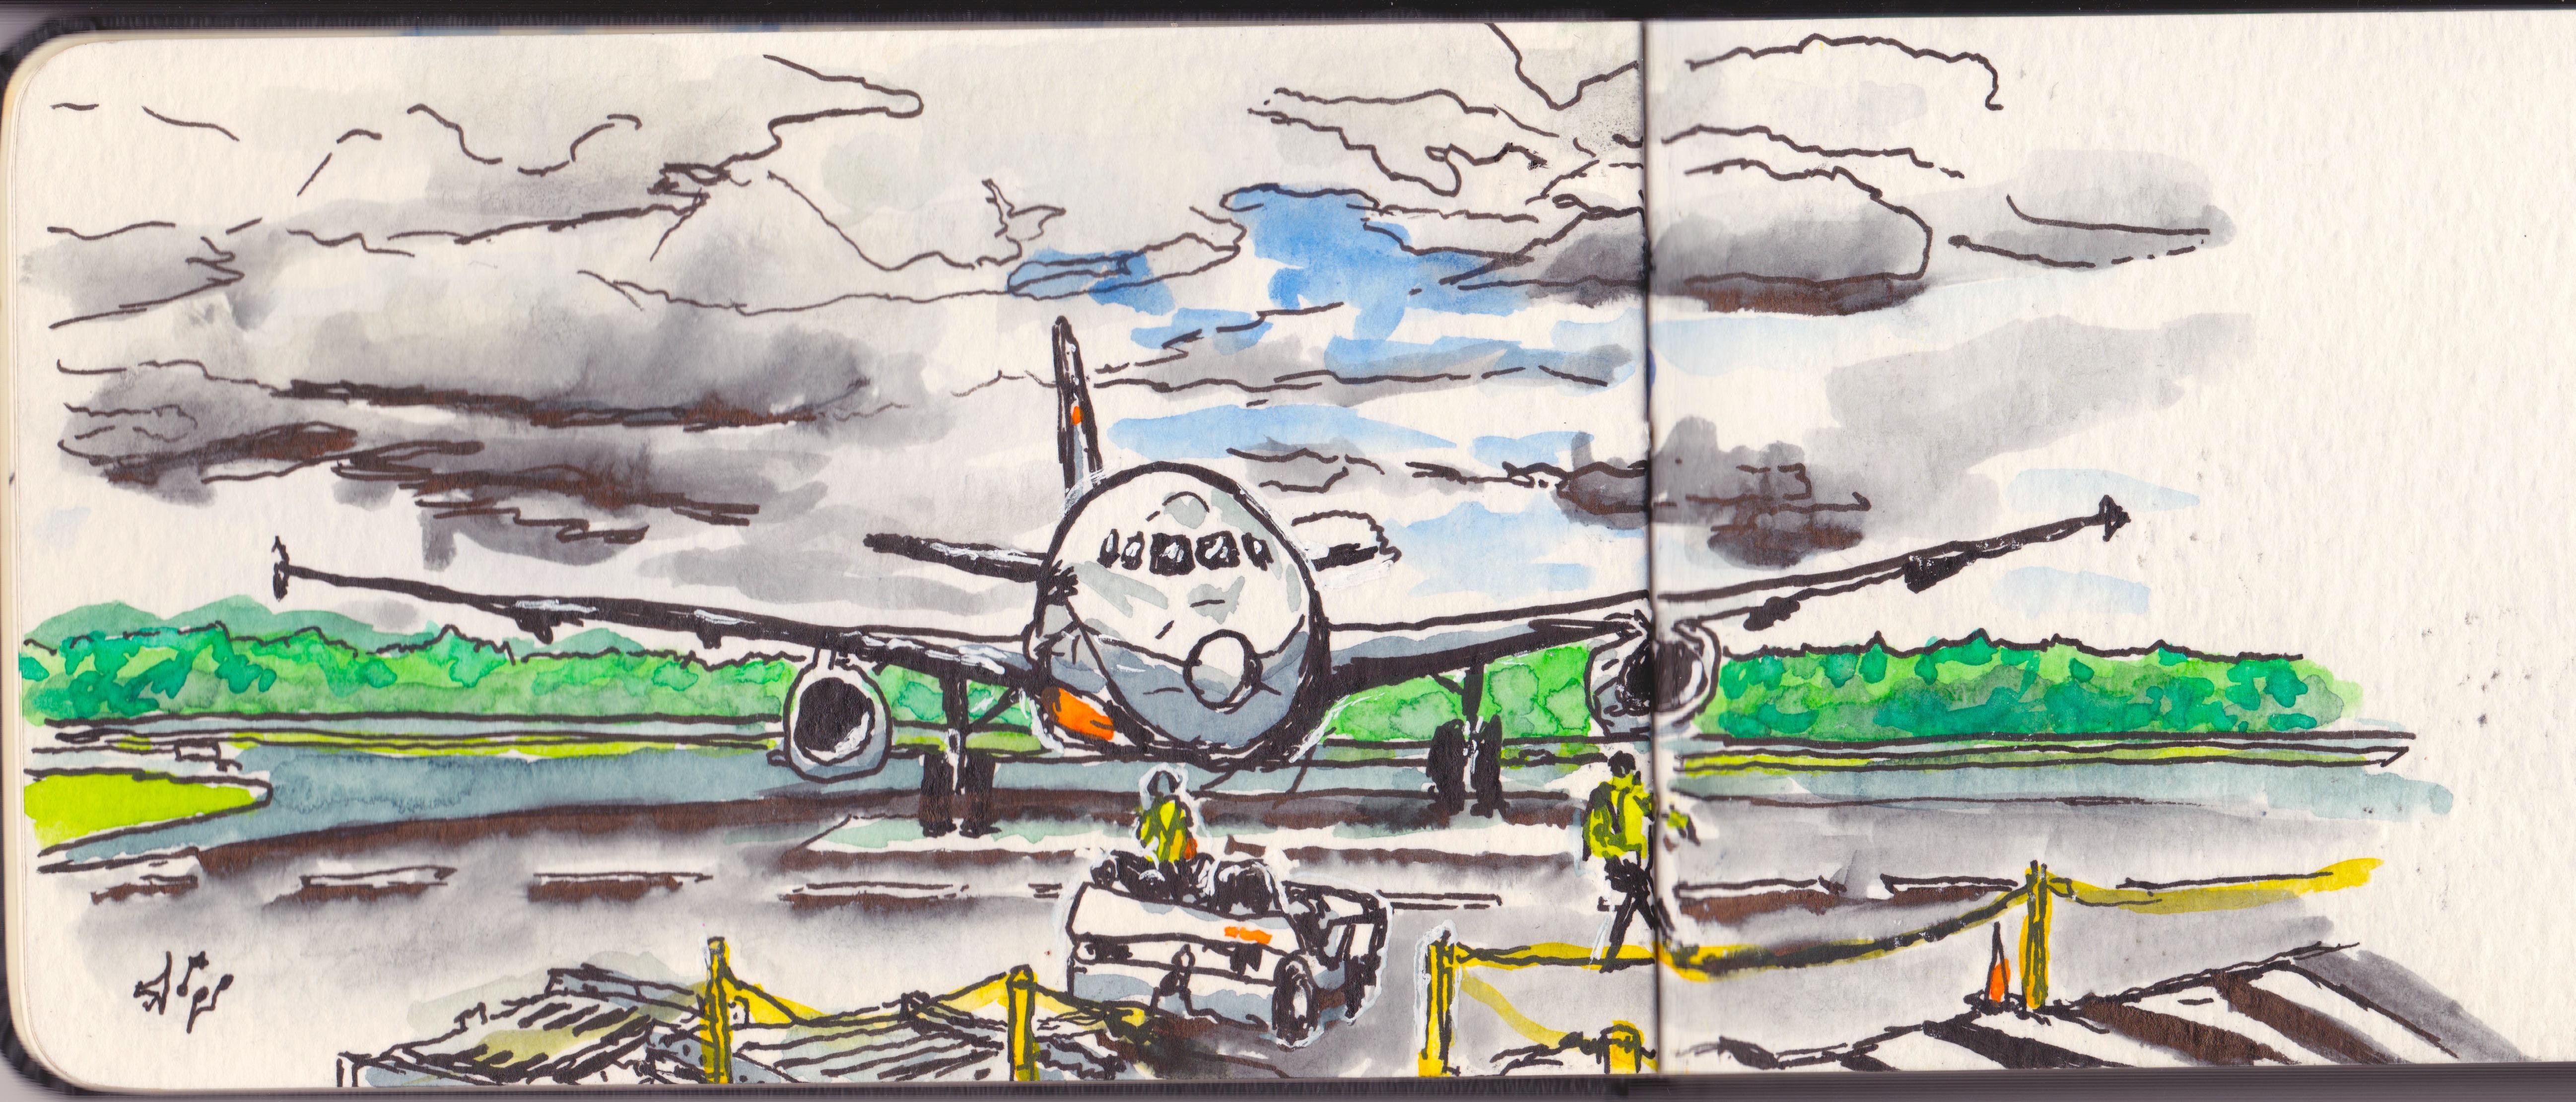 aeroplane in hobart 2